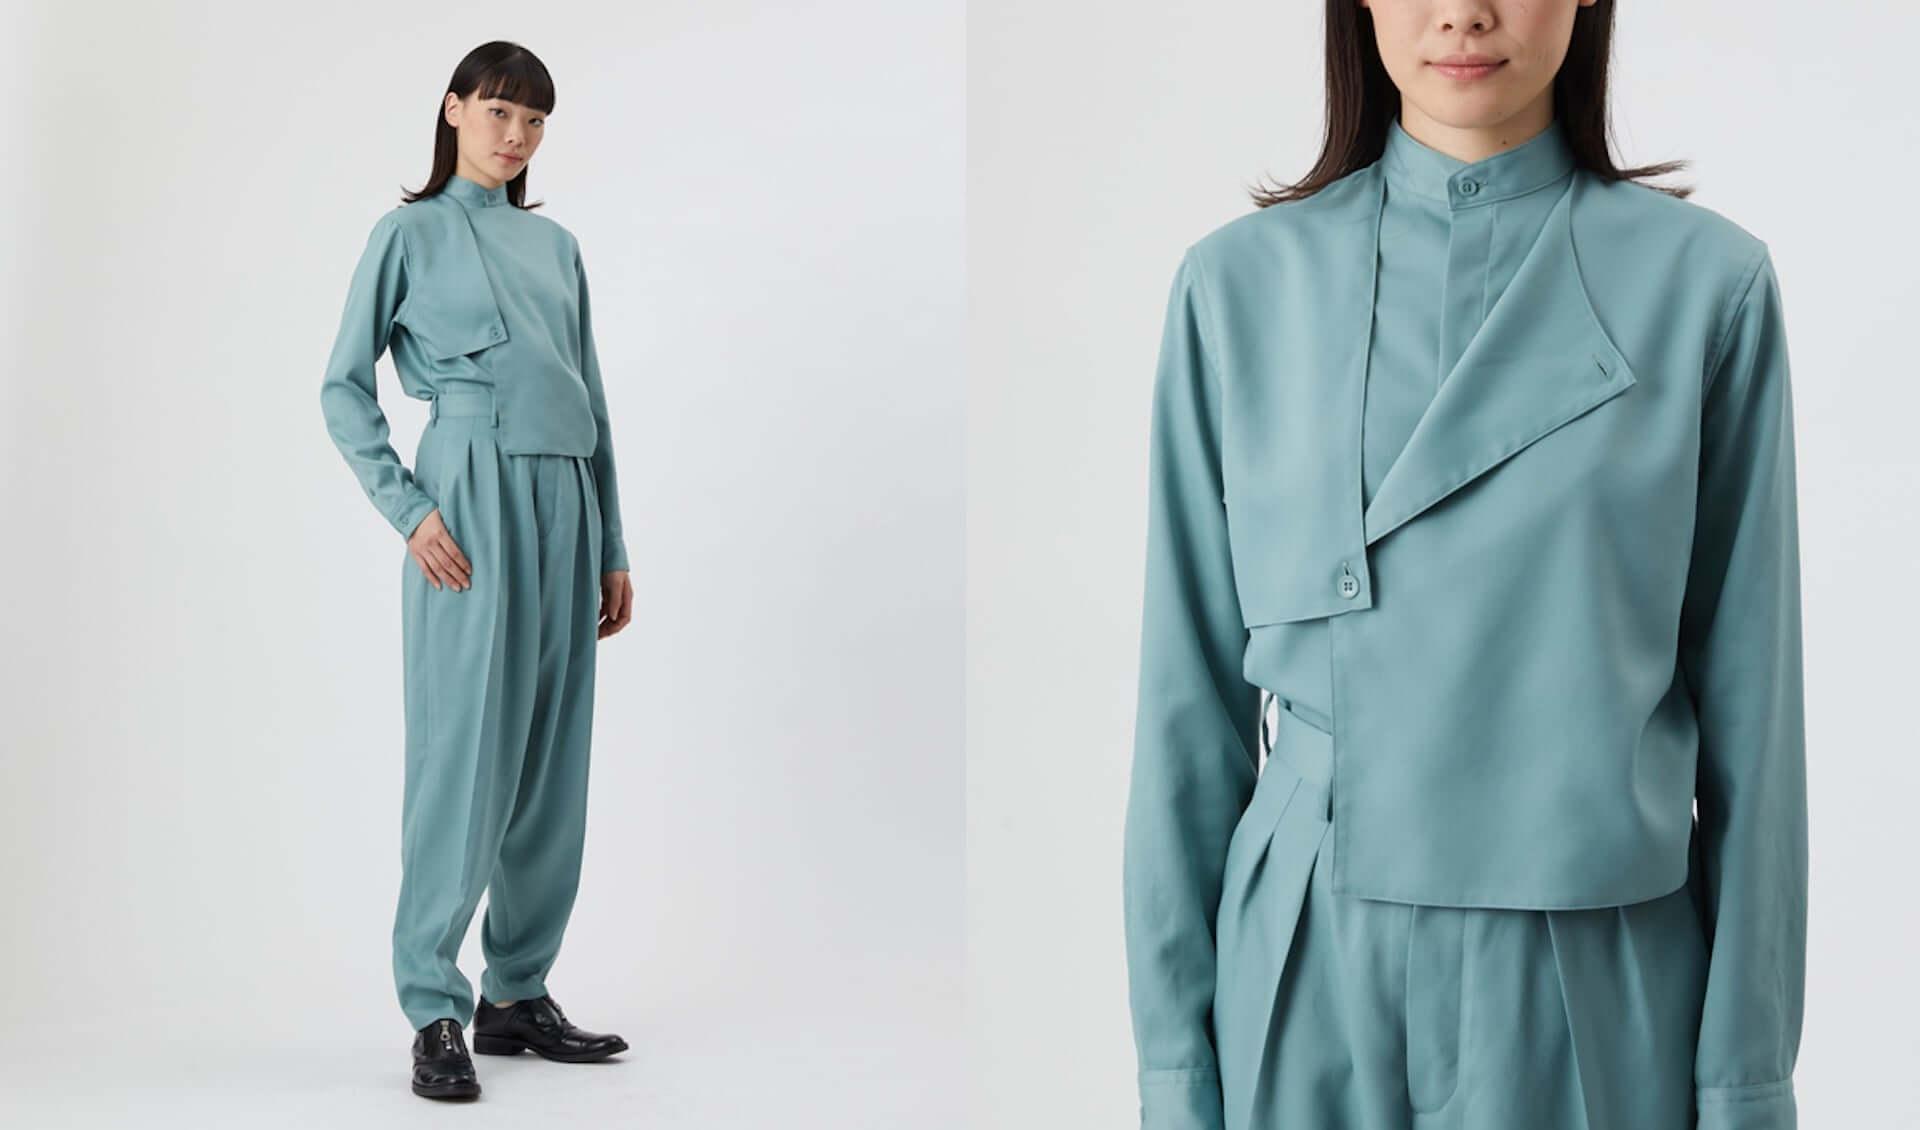 Yohji Yamamoto出身デザイナーを迎えたD-VECの新コレクション第1弾が発売!「GORE-TEX INFINIUM」搭載のブルゾンなど全5型 lf210215_d-vec_3-1920x1130